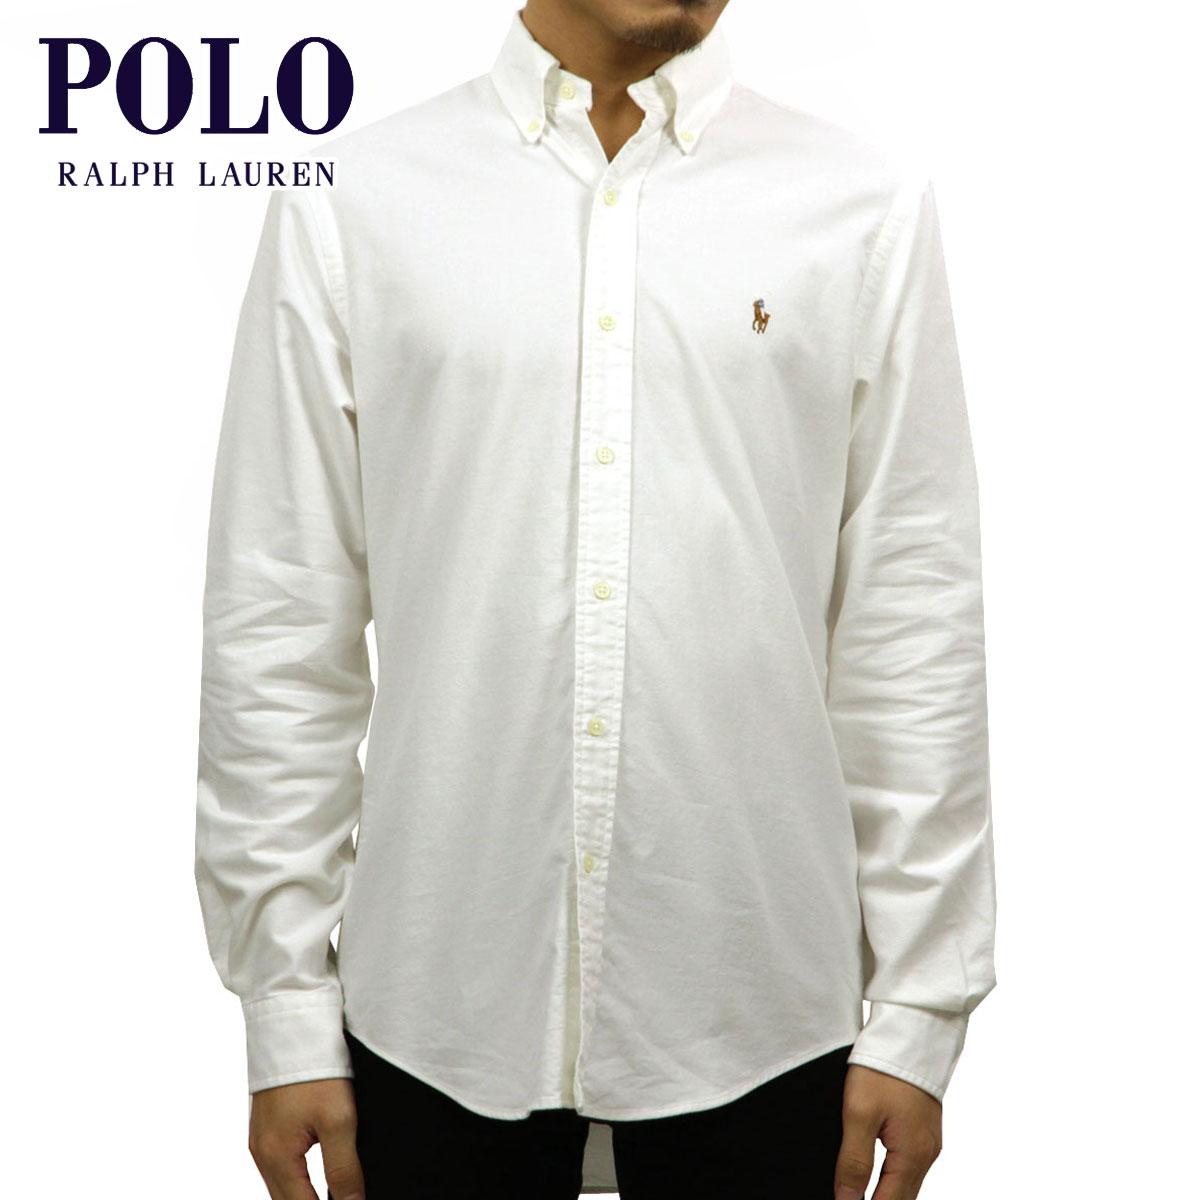 fe93c8969 20%OFF sale polo Ralph Lauren POLO RALPH LAUREN regular article men long  sleeves shirt ...